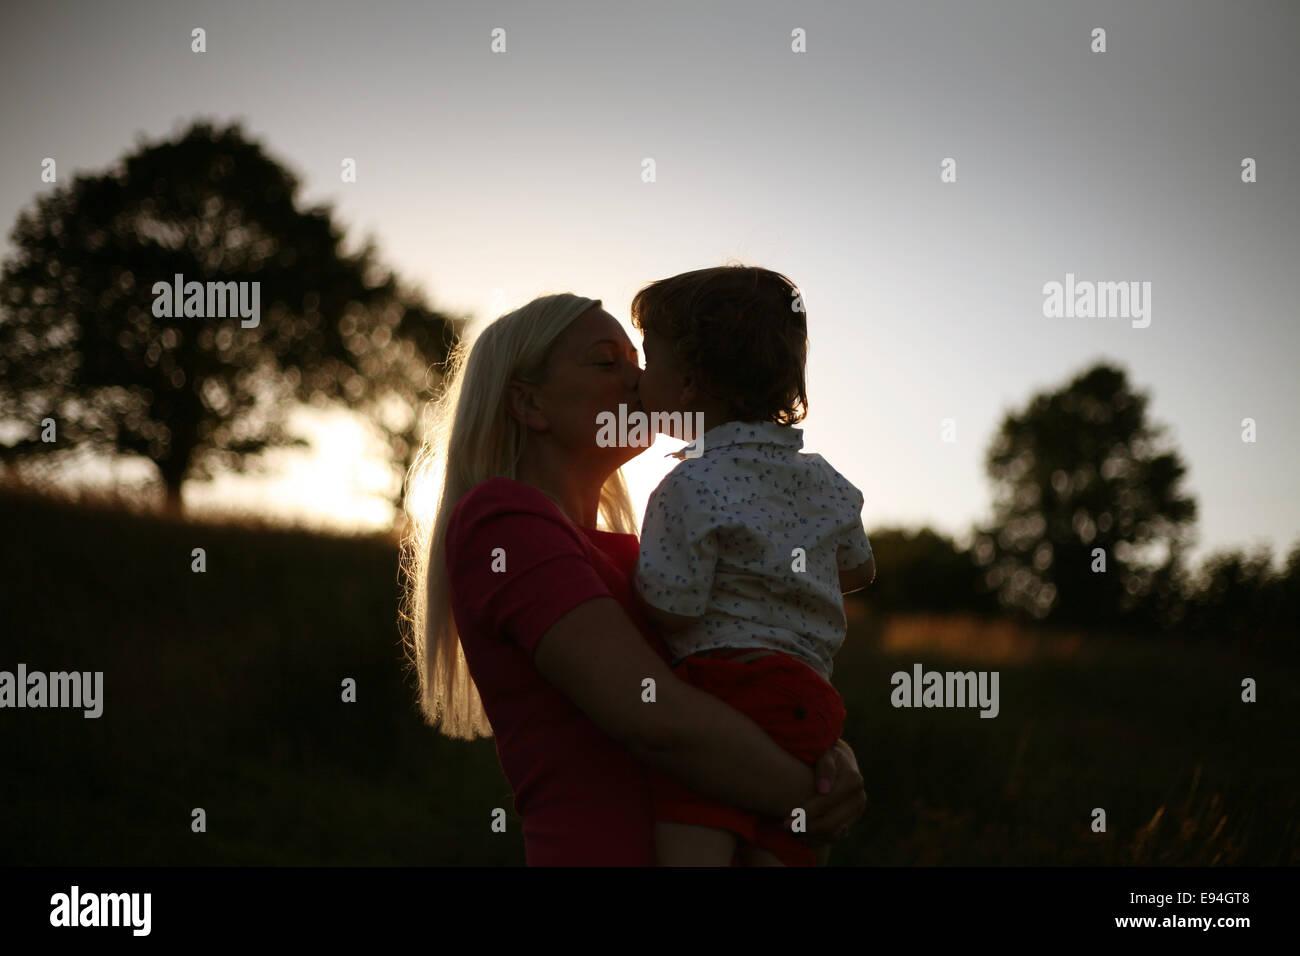 mum holding baby boy at sunset - Stock Image